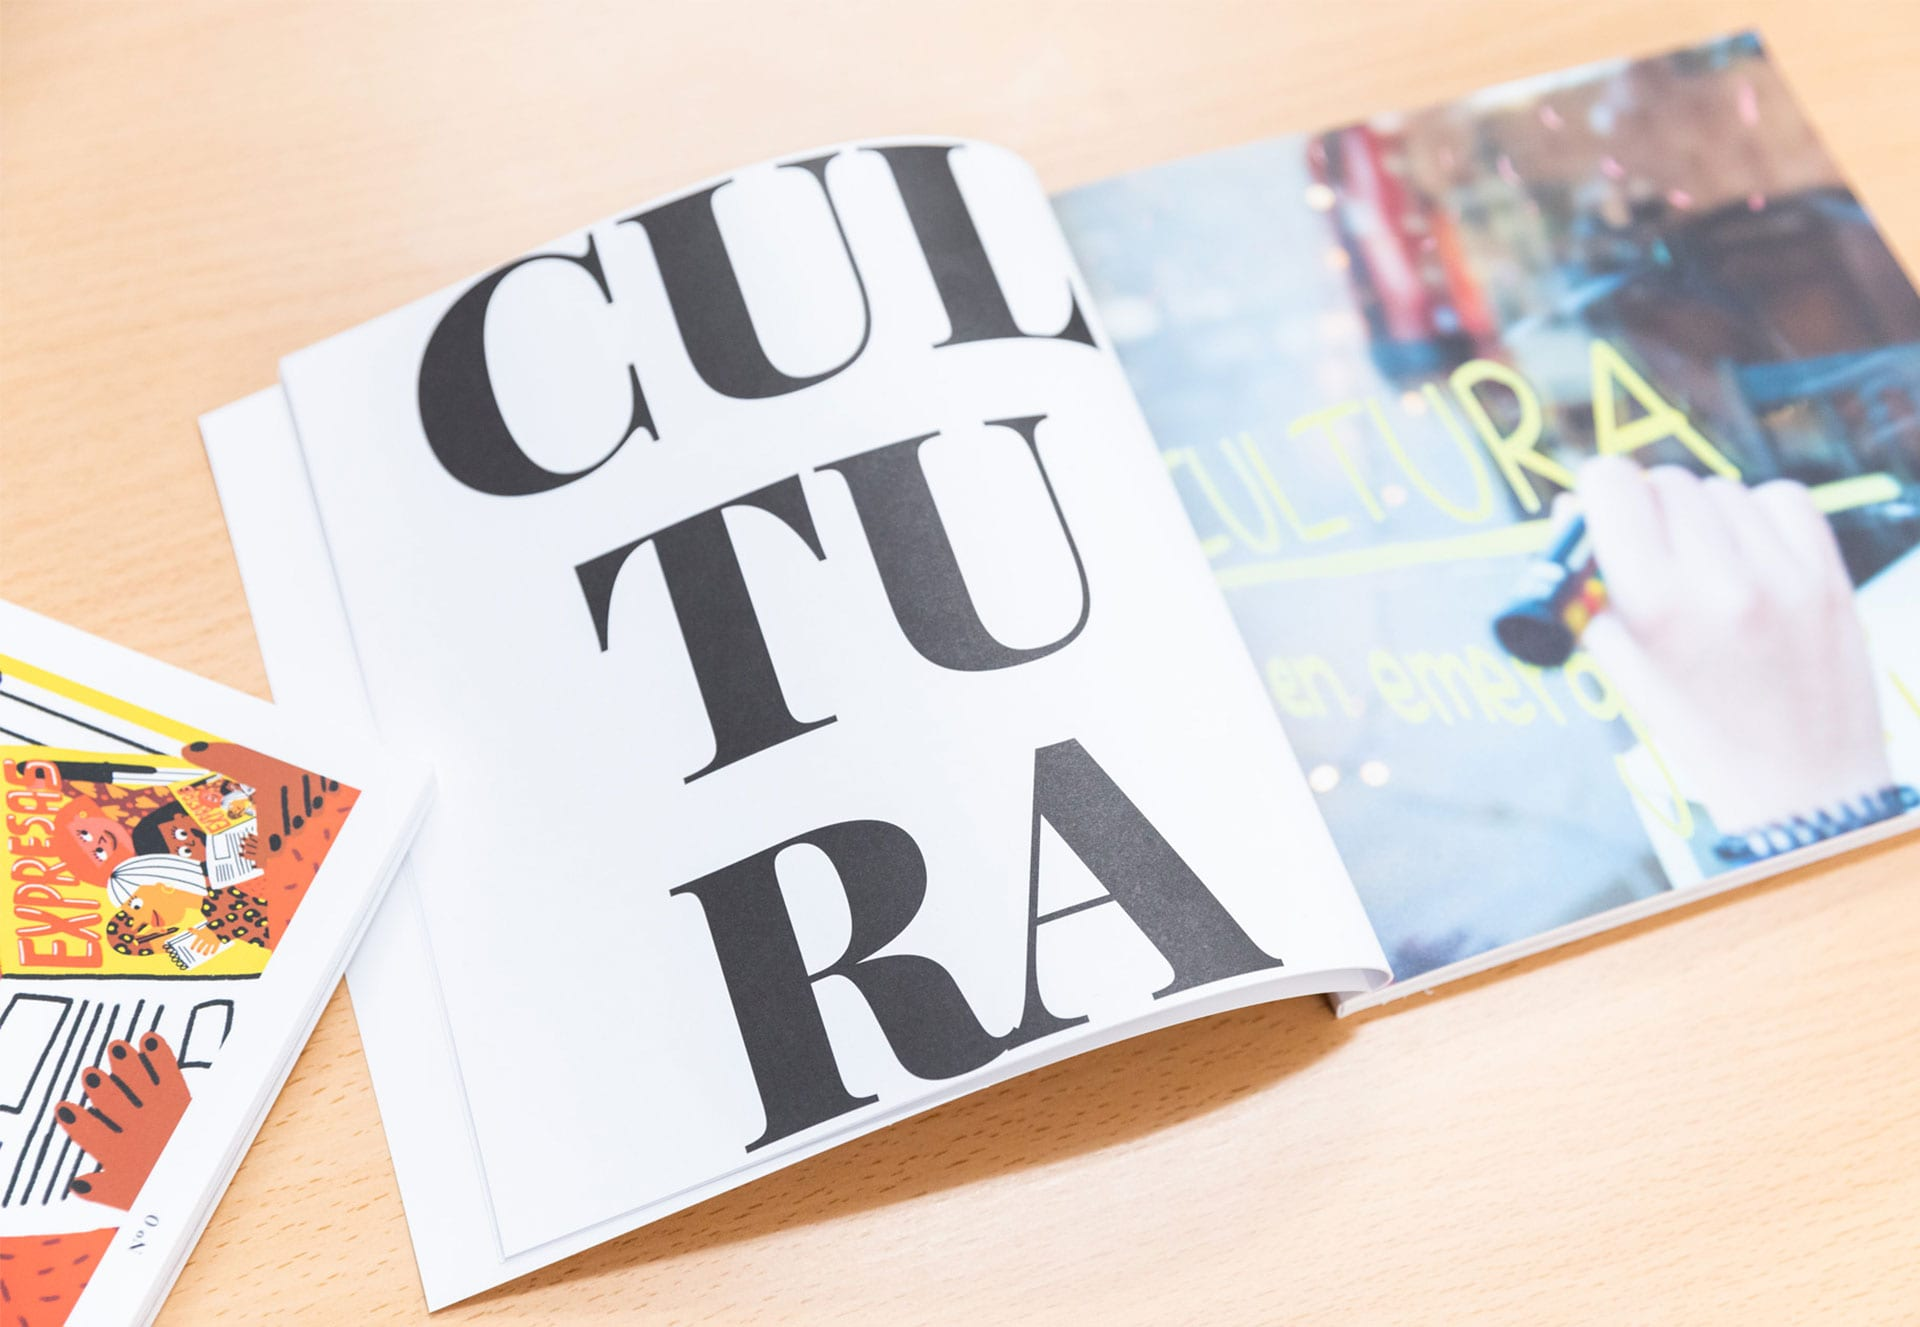 Revista Impresas, creatividad y periodismo social para empoderar a las mujeres en prisión